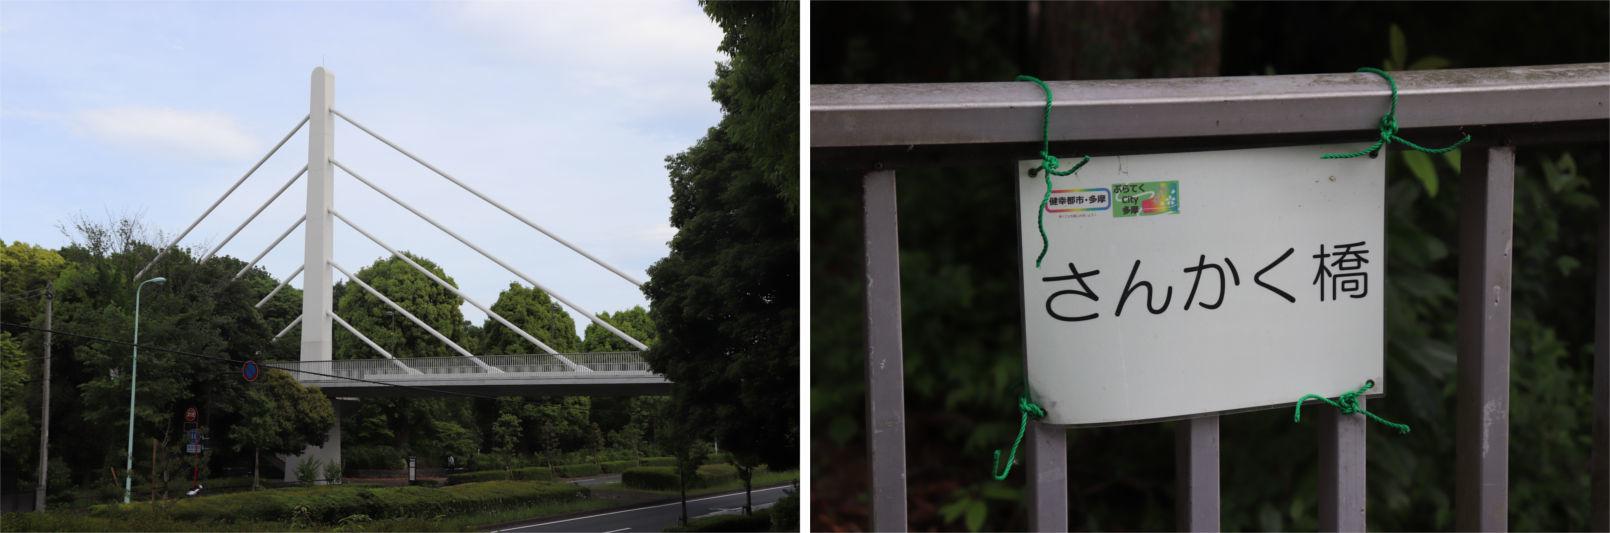 [多摩NTの橋ぜんぶ撮影PJ] No.86~90 瓜生地区の橋_a0332275_00274894.jpg